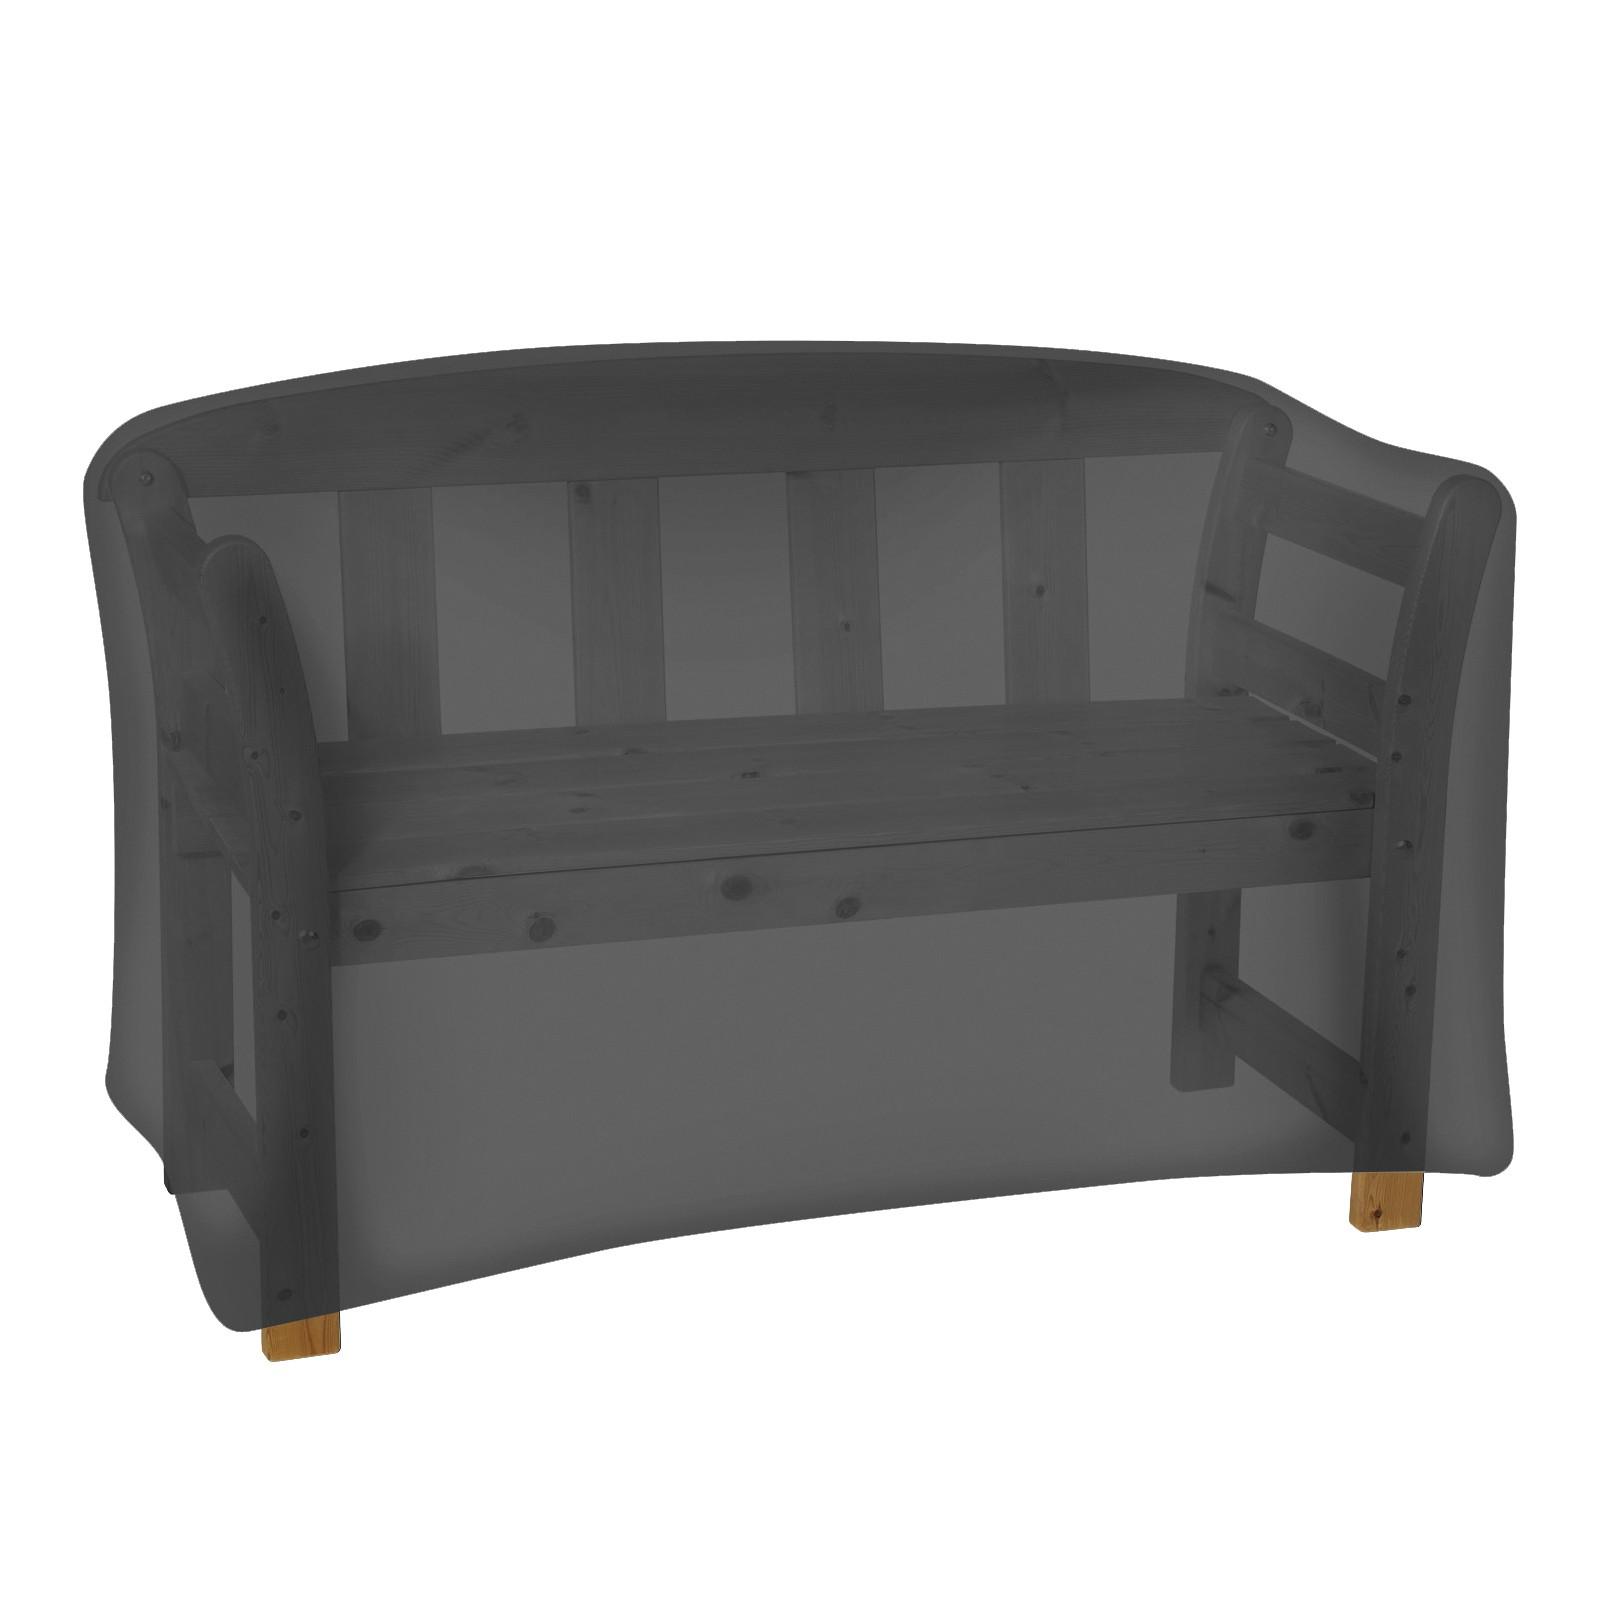 tepro abdeckhaube schutzh lle abdeckplane abdeckung. Black Bedroom Furniture Sets. Home Design Ideas